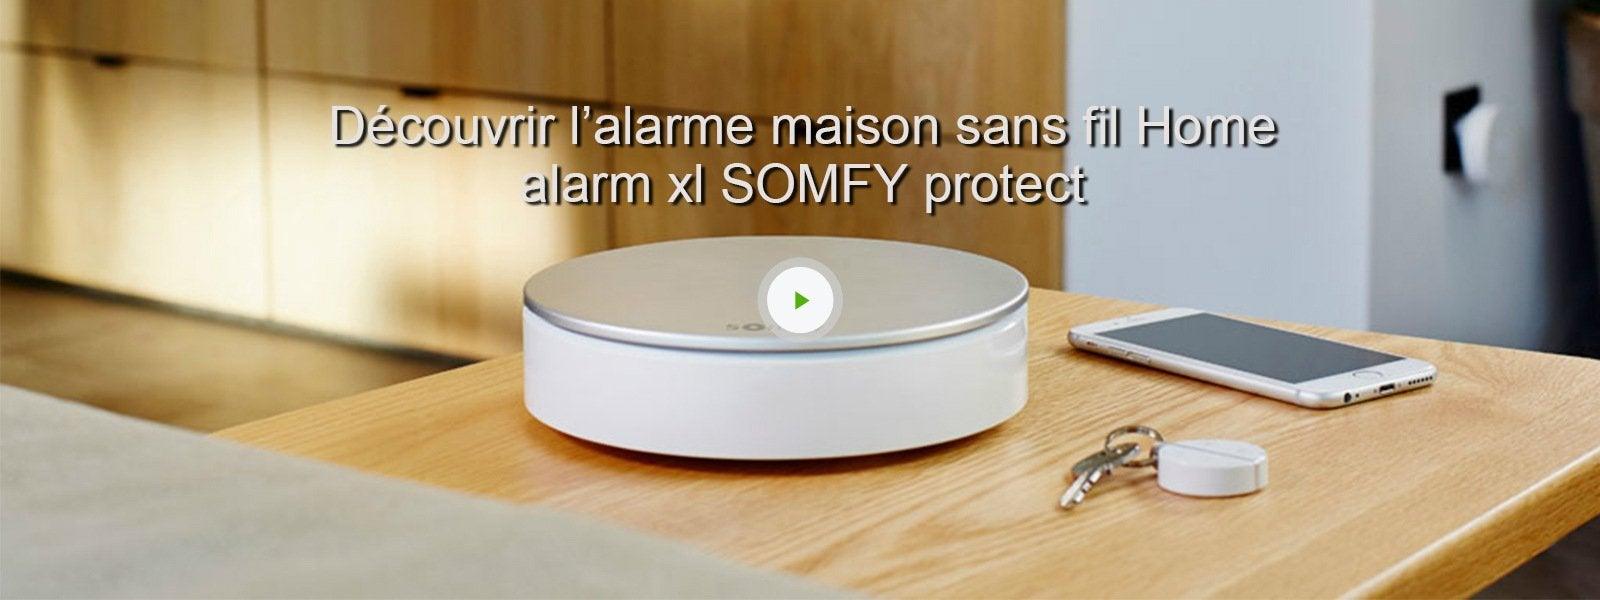 alarme maison somfy protect home alarm ventana blog. Black Bedroom Furniture Sets. Home Design Ideas